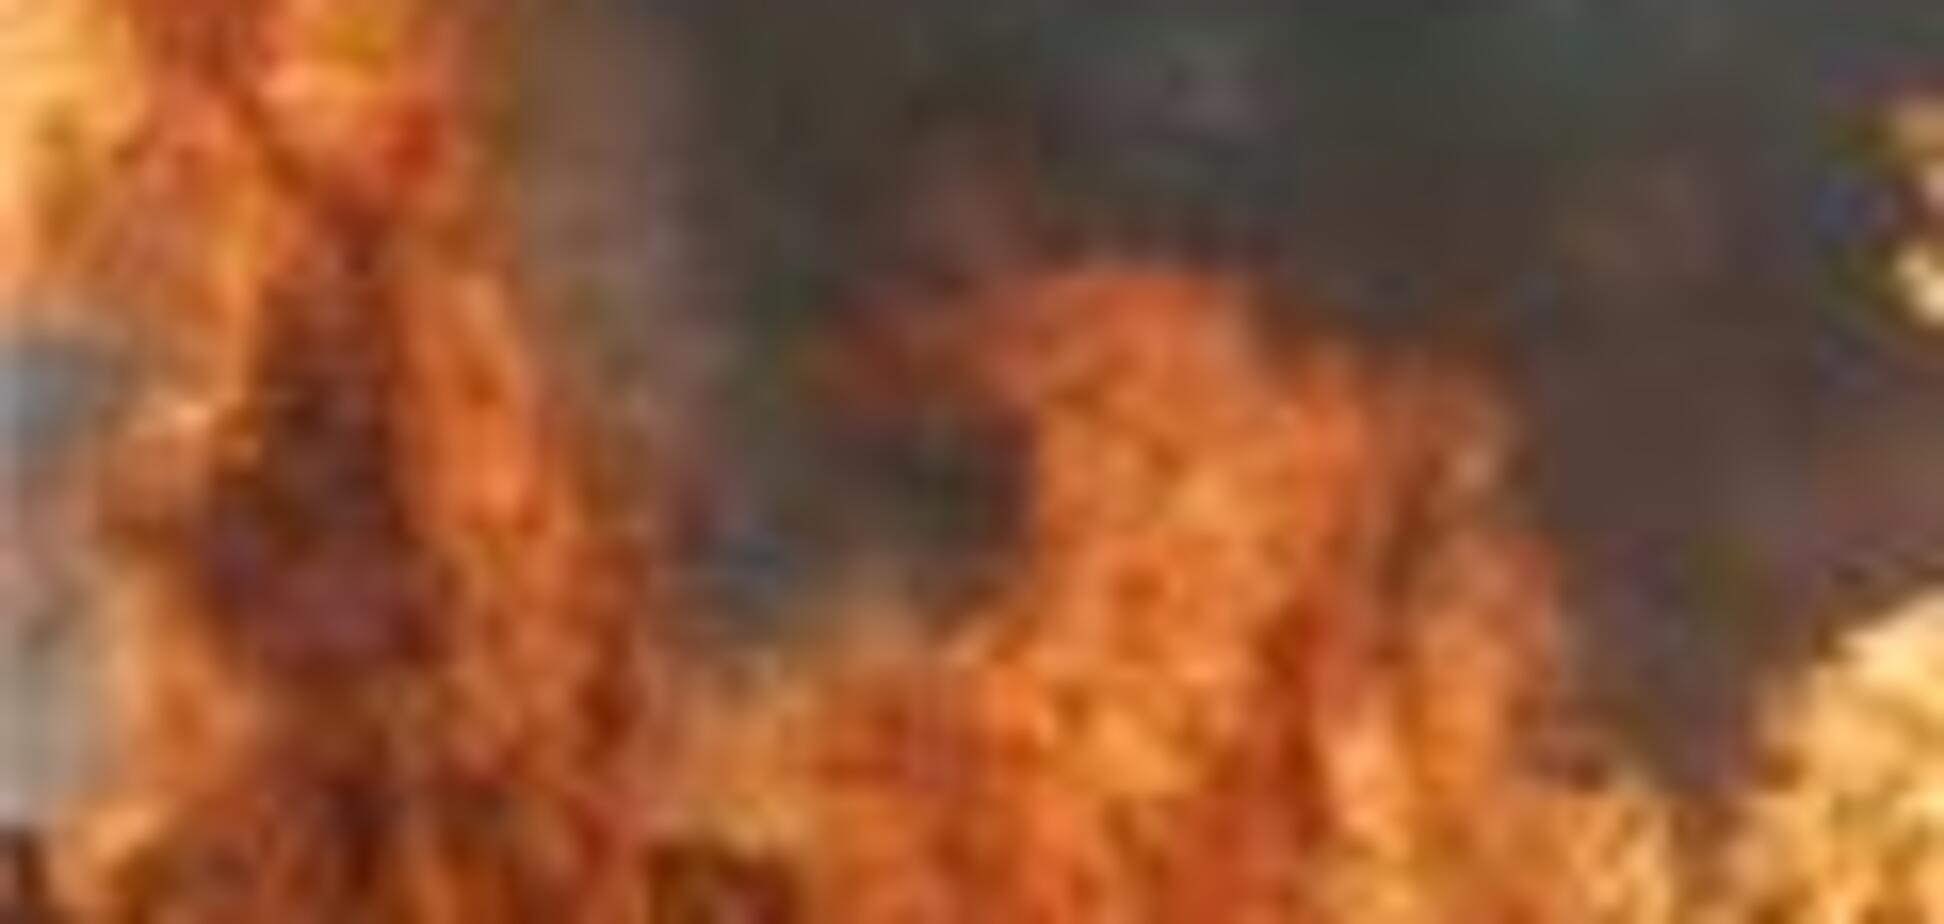 В Крыму пожар в жилом доме унес жизни двух человек